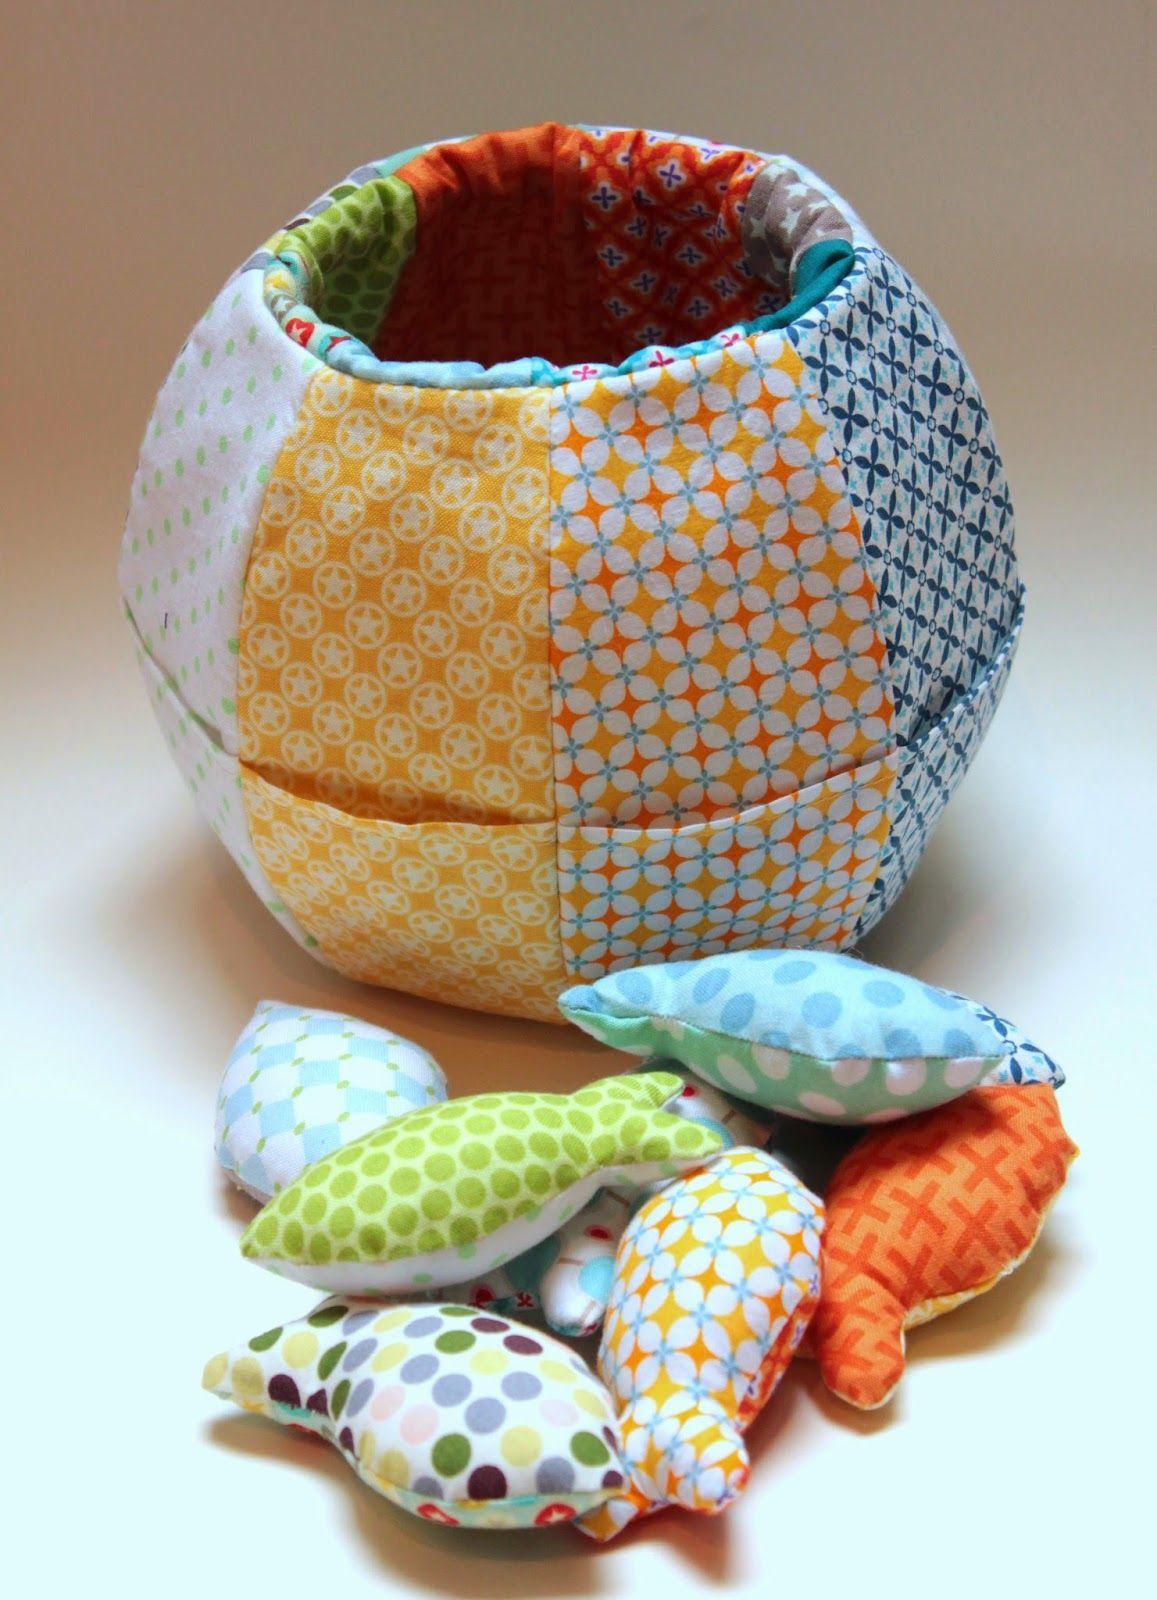 Fishbowl Spielerei aus Stoff Ideen zum selbermachen